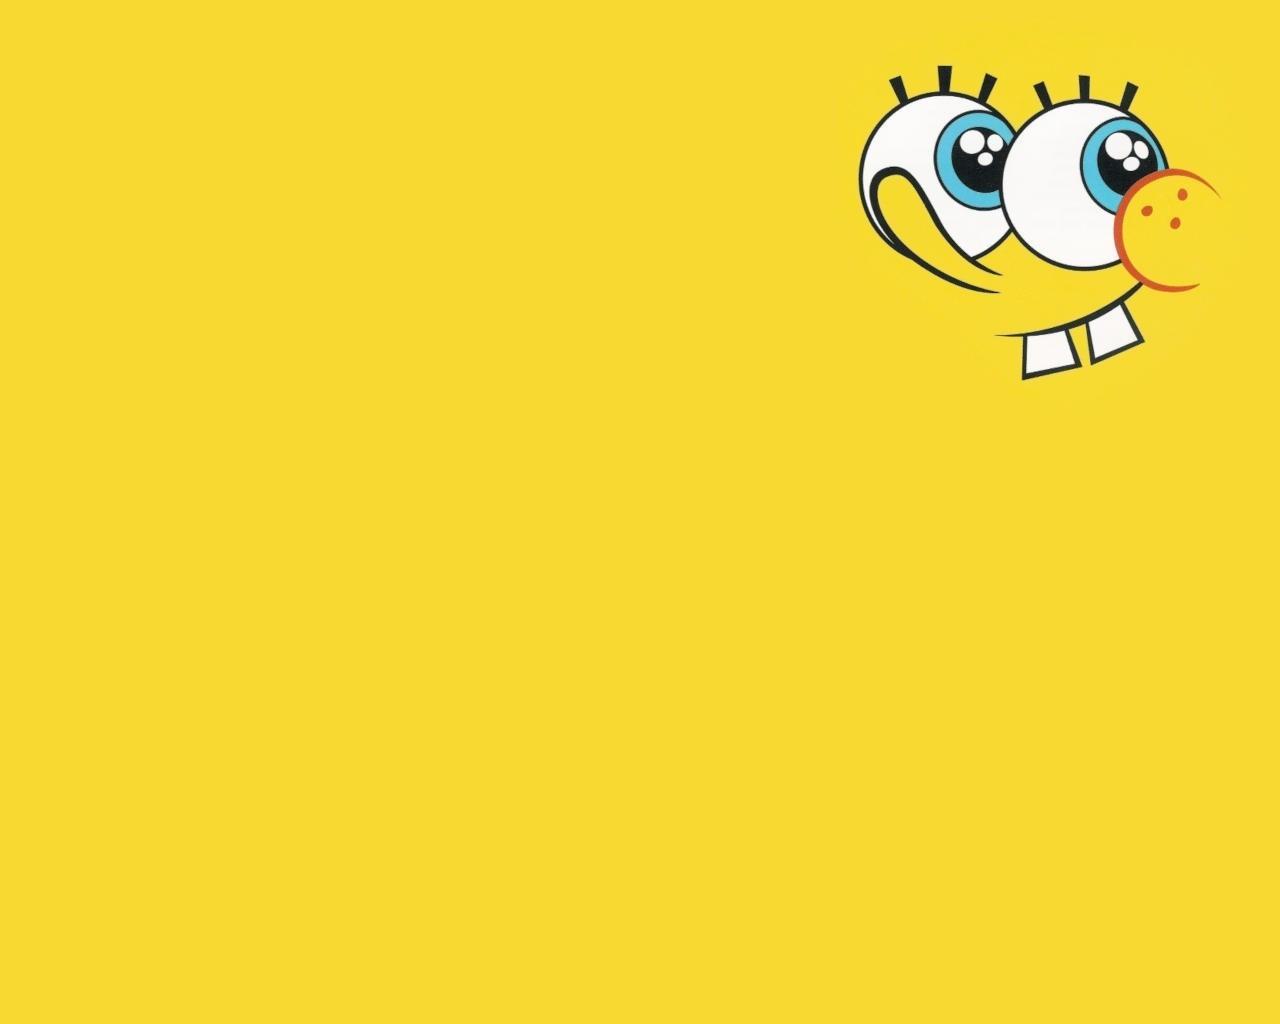 spongebob 15619